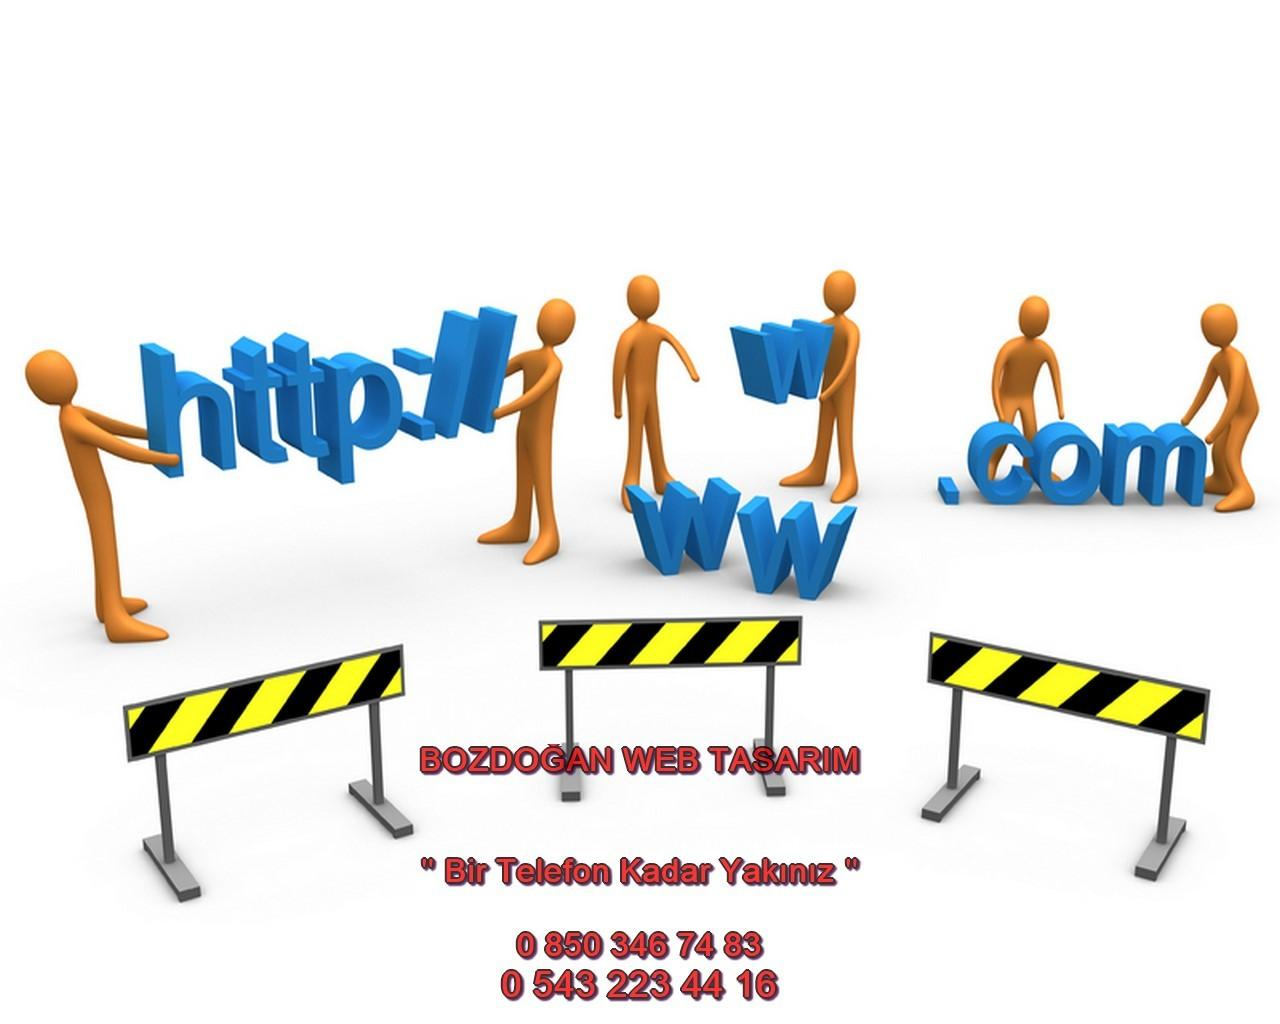 Bozdoğan Web Tasarım